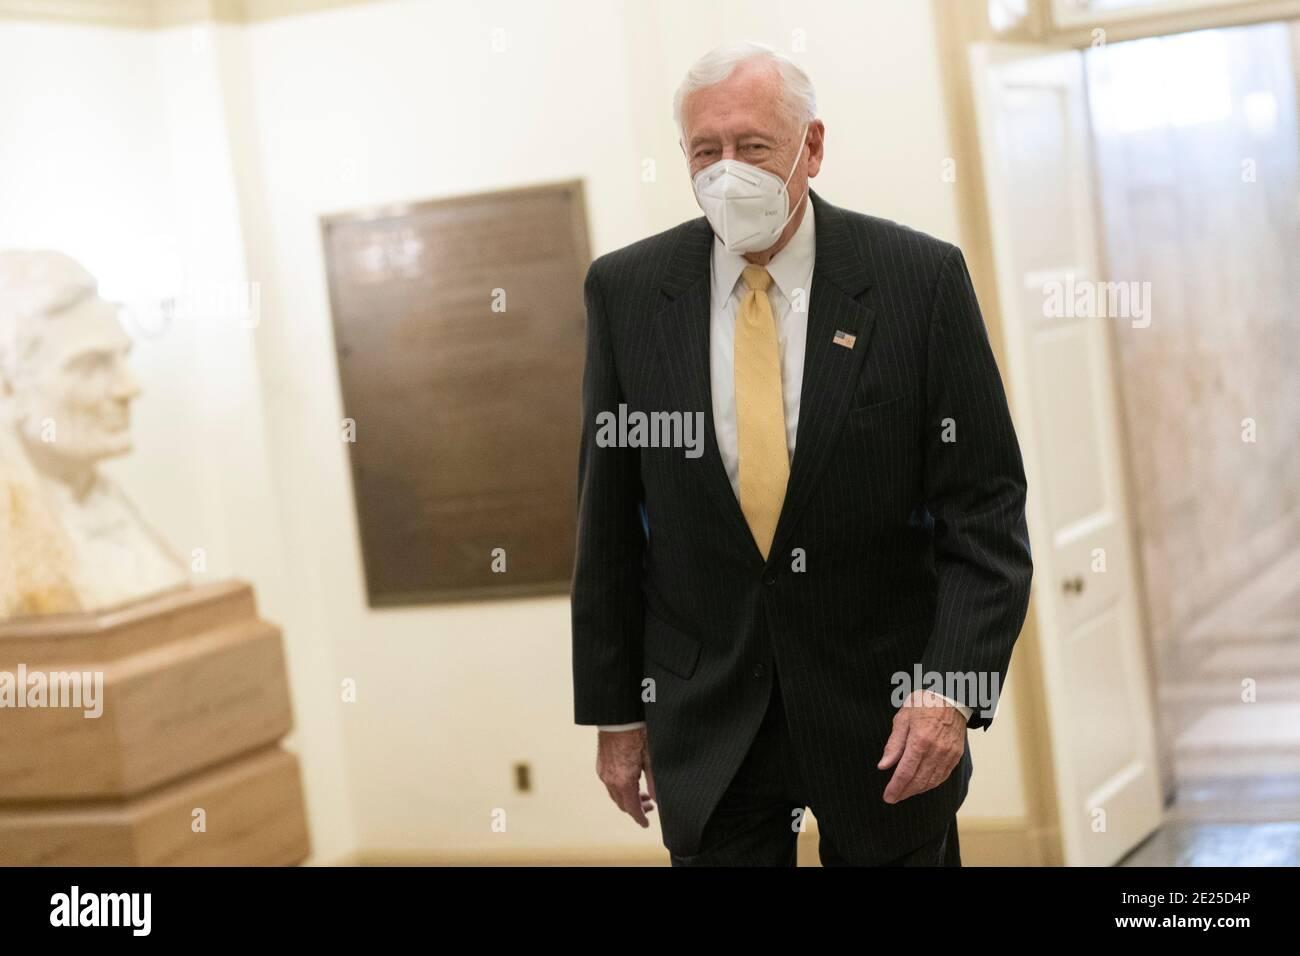 Washington DC- Steny Hoyer, líder de la mayoría de la Cámara de representantes, llega a Capitol Hill. Crédito de la foto: Chris Kleponis/Sipa, EE.UU. 12 de enero de 2021. Crédito: SIPA USA/Alamy Live News Foto de stock